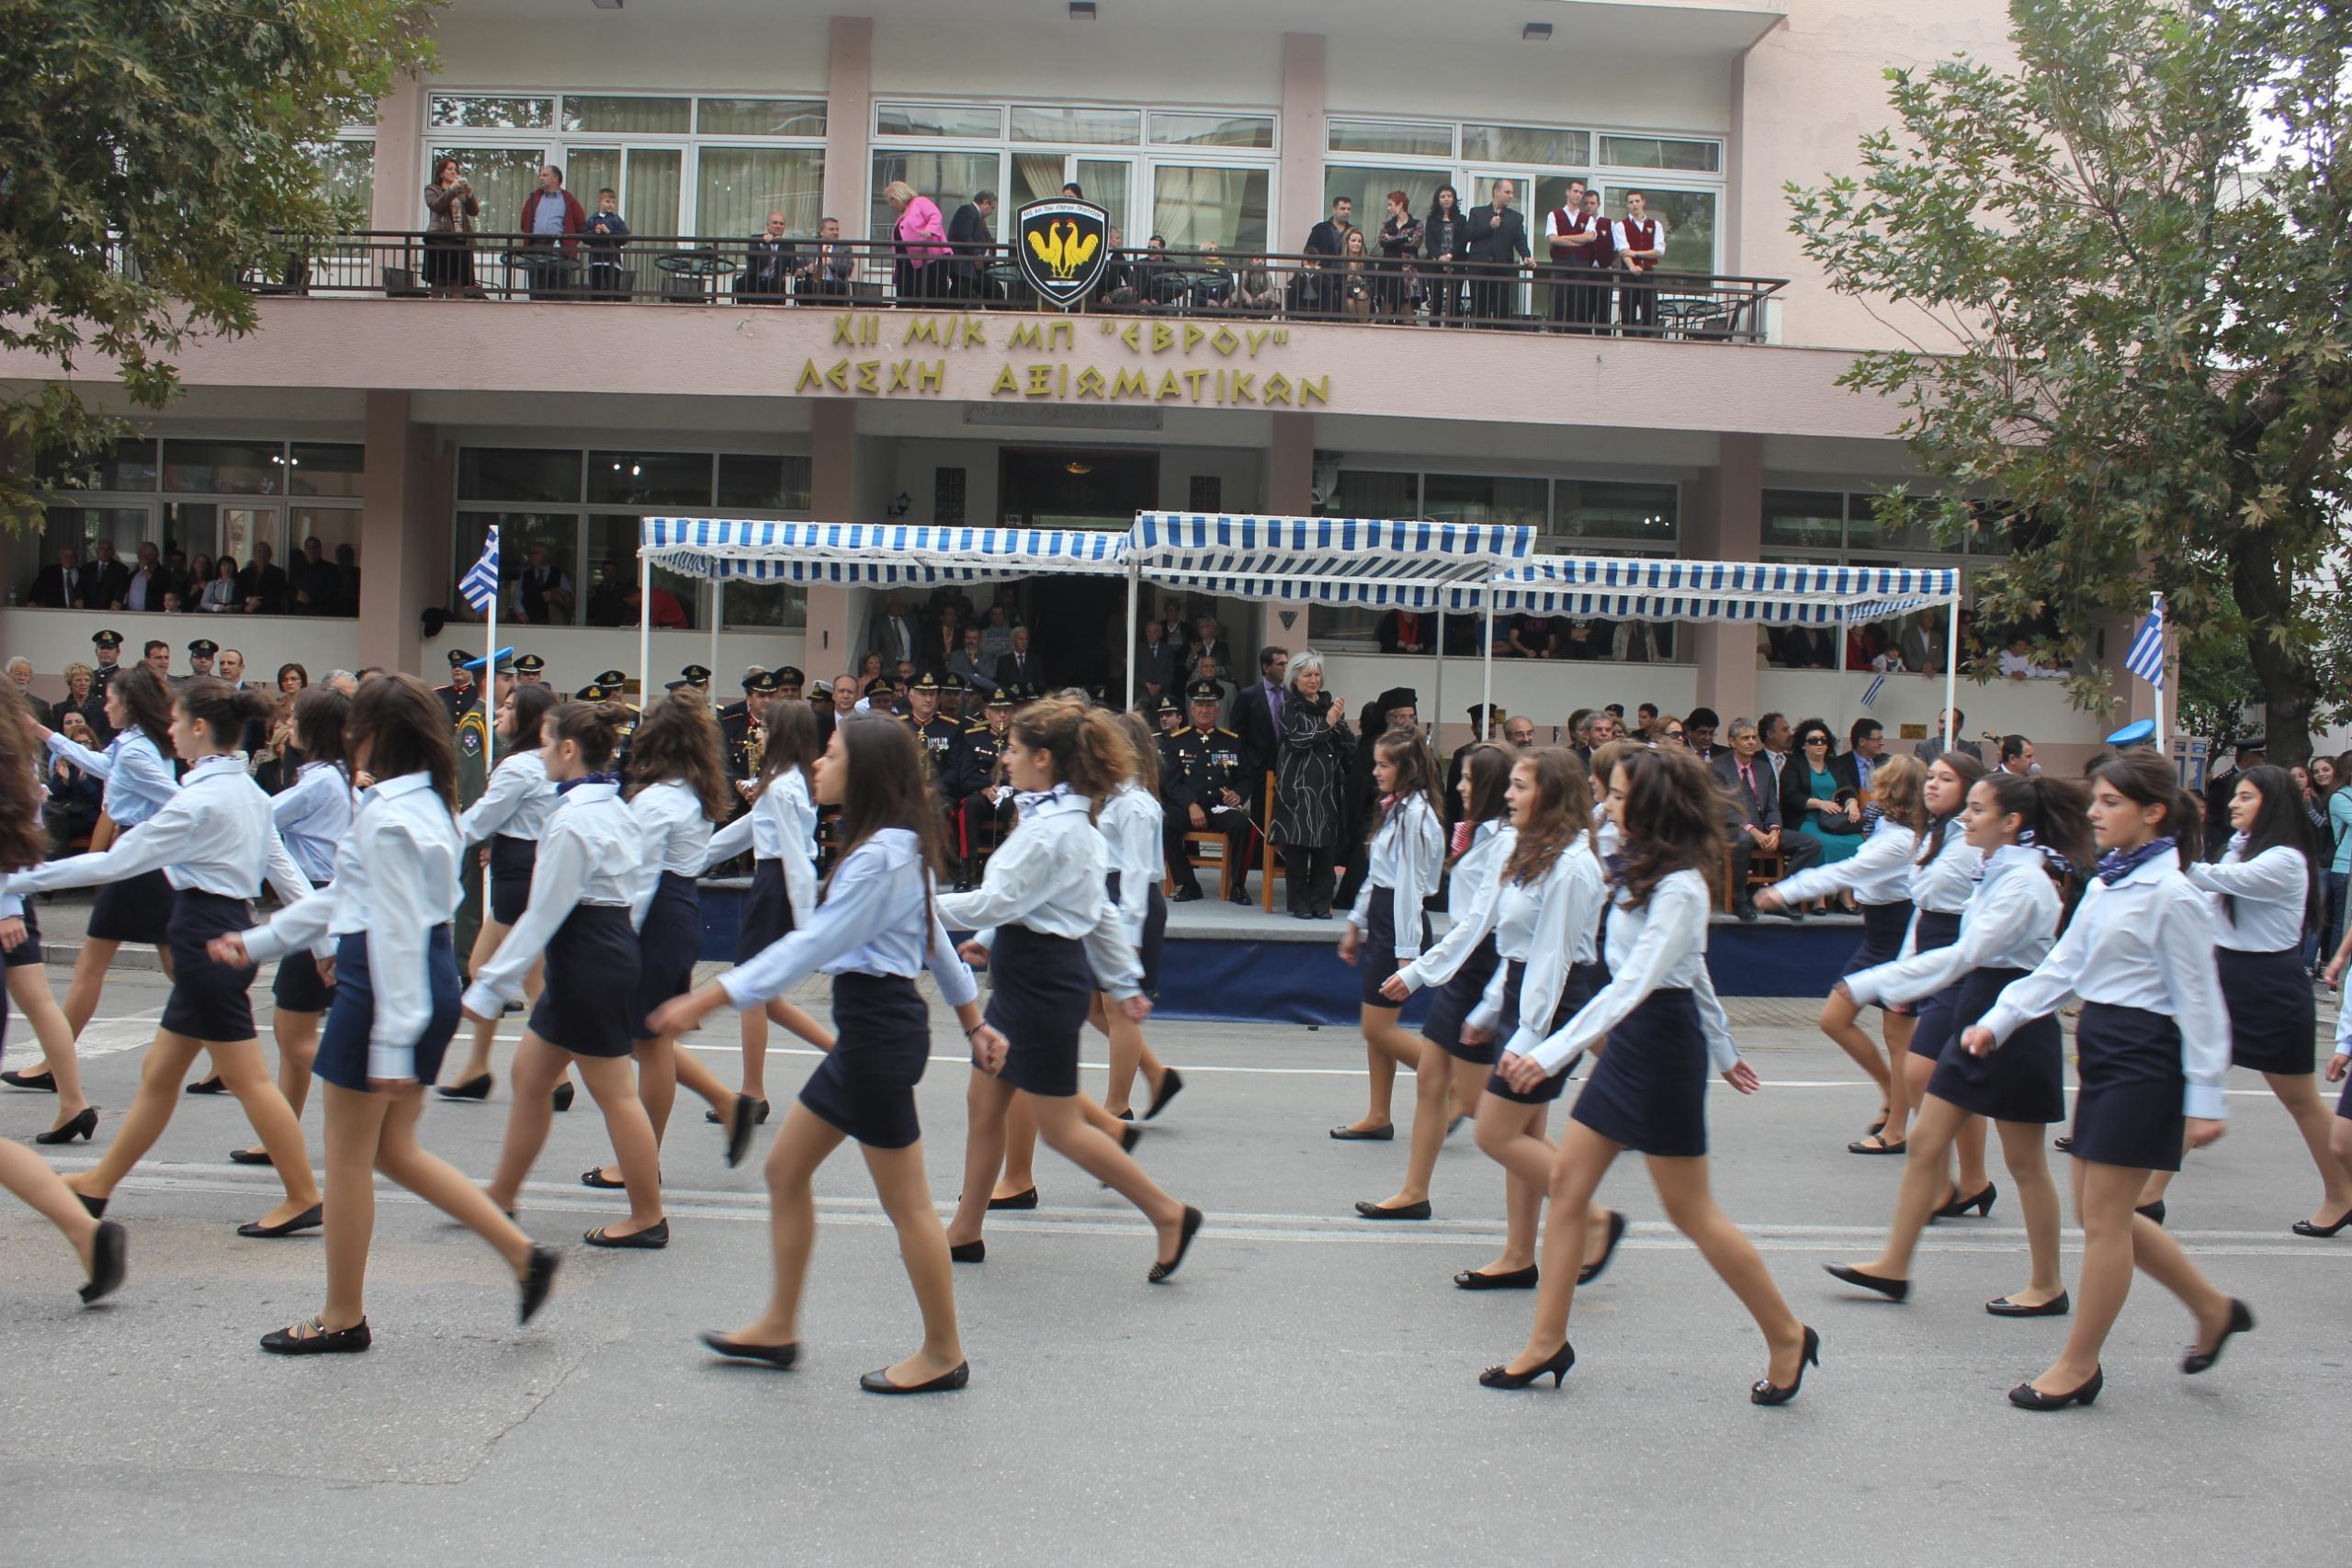 Και επίσημα: Ματαίωση εορτασμού Εθνικής Επετείου της 25ης Μαρτίου